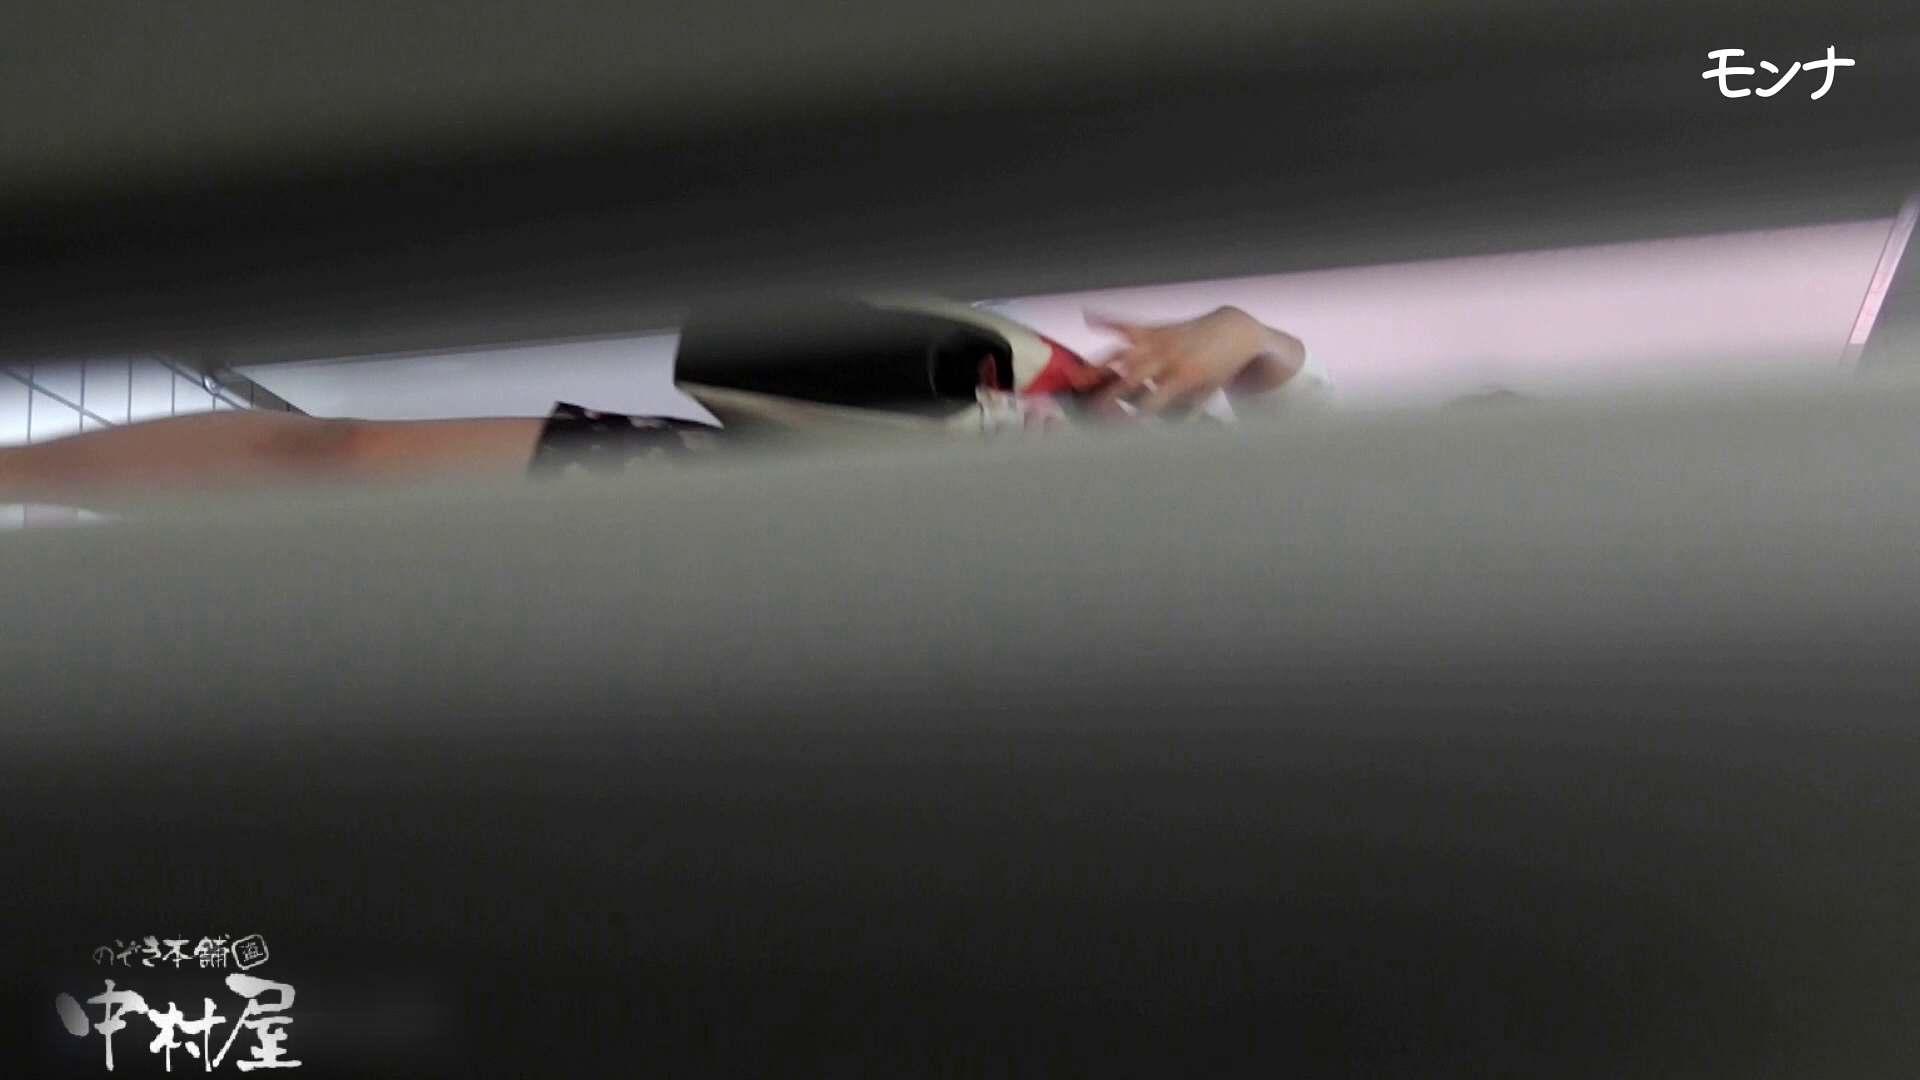 【美しい日本の未来】美しい日本の未来 No.73 自然なセクシーな仕草に感動中 厠  42連発 20